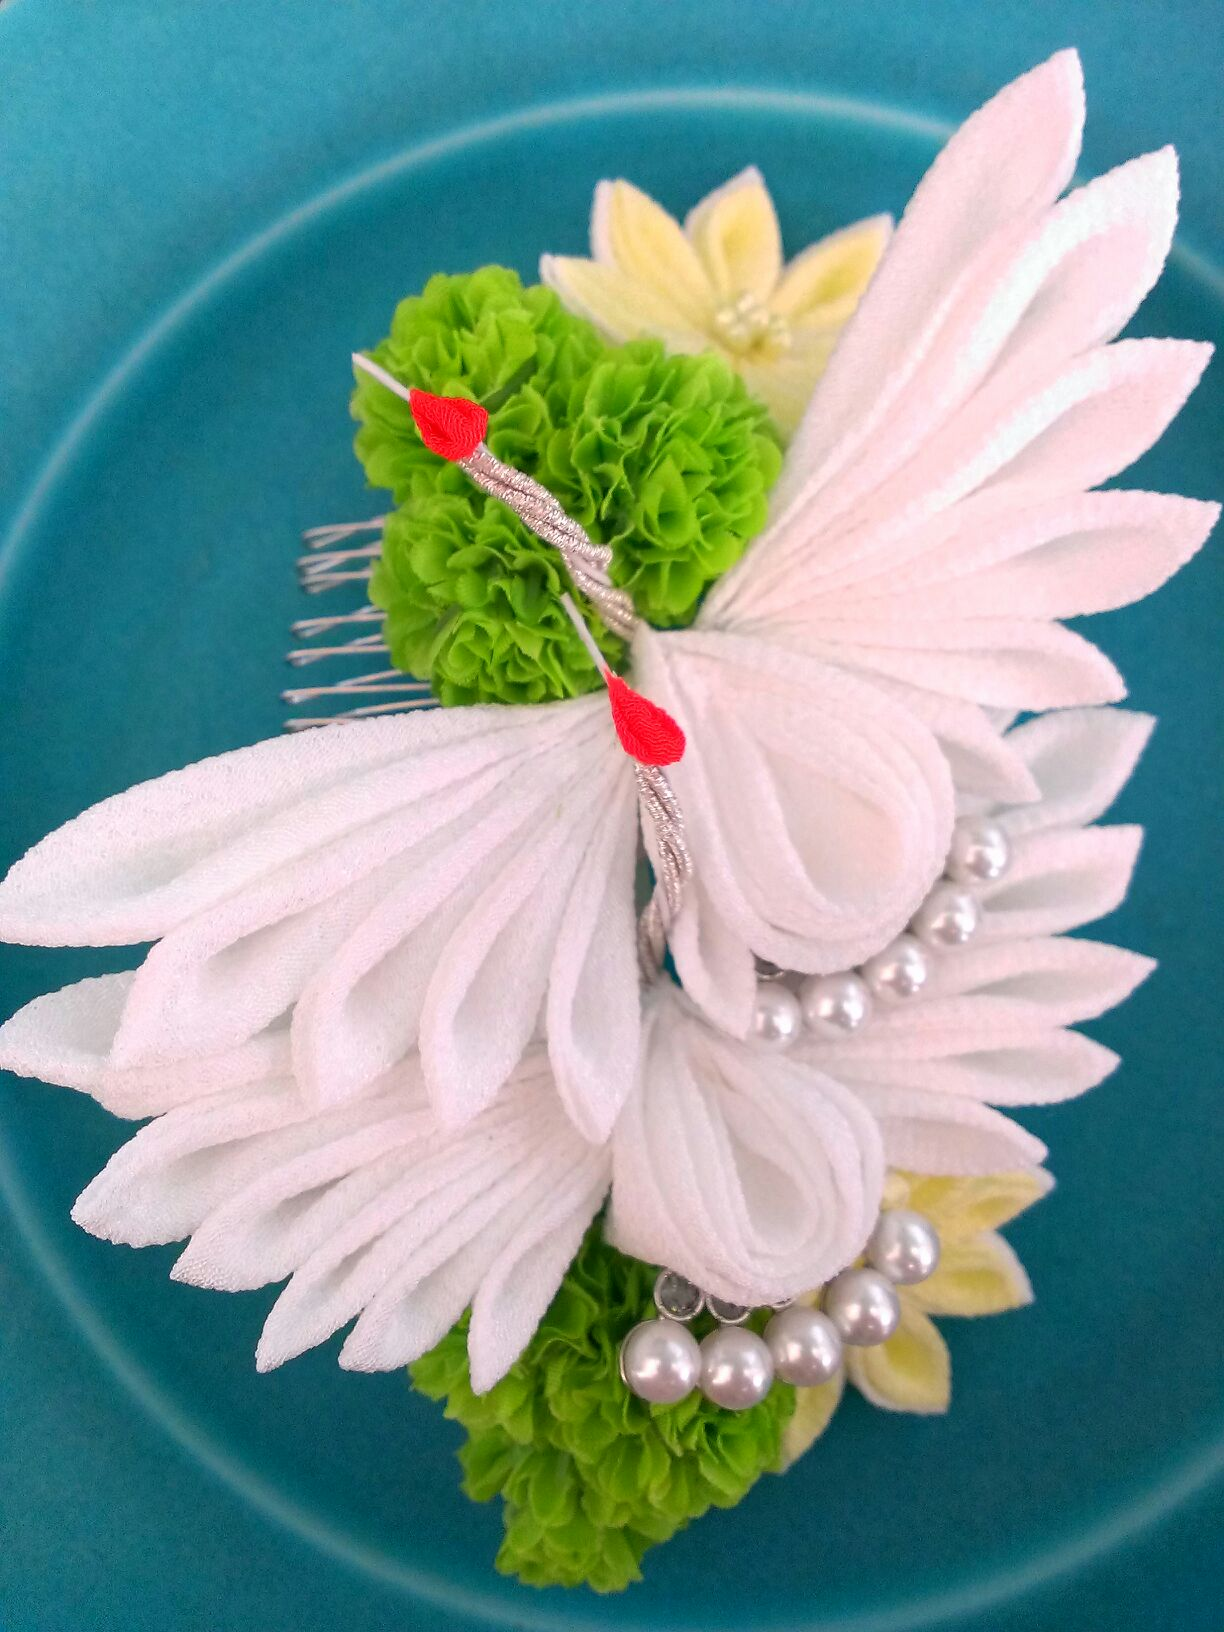 新郎新婦様からのメール 八芳園の花嫁様より 手作りのつまみ細工と_a0042928_4441651.jpg